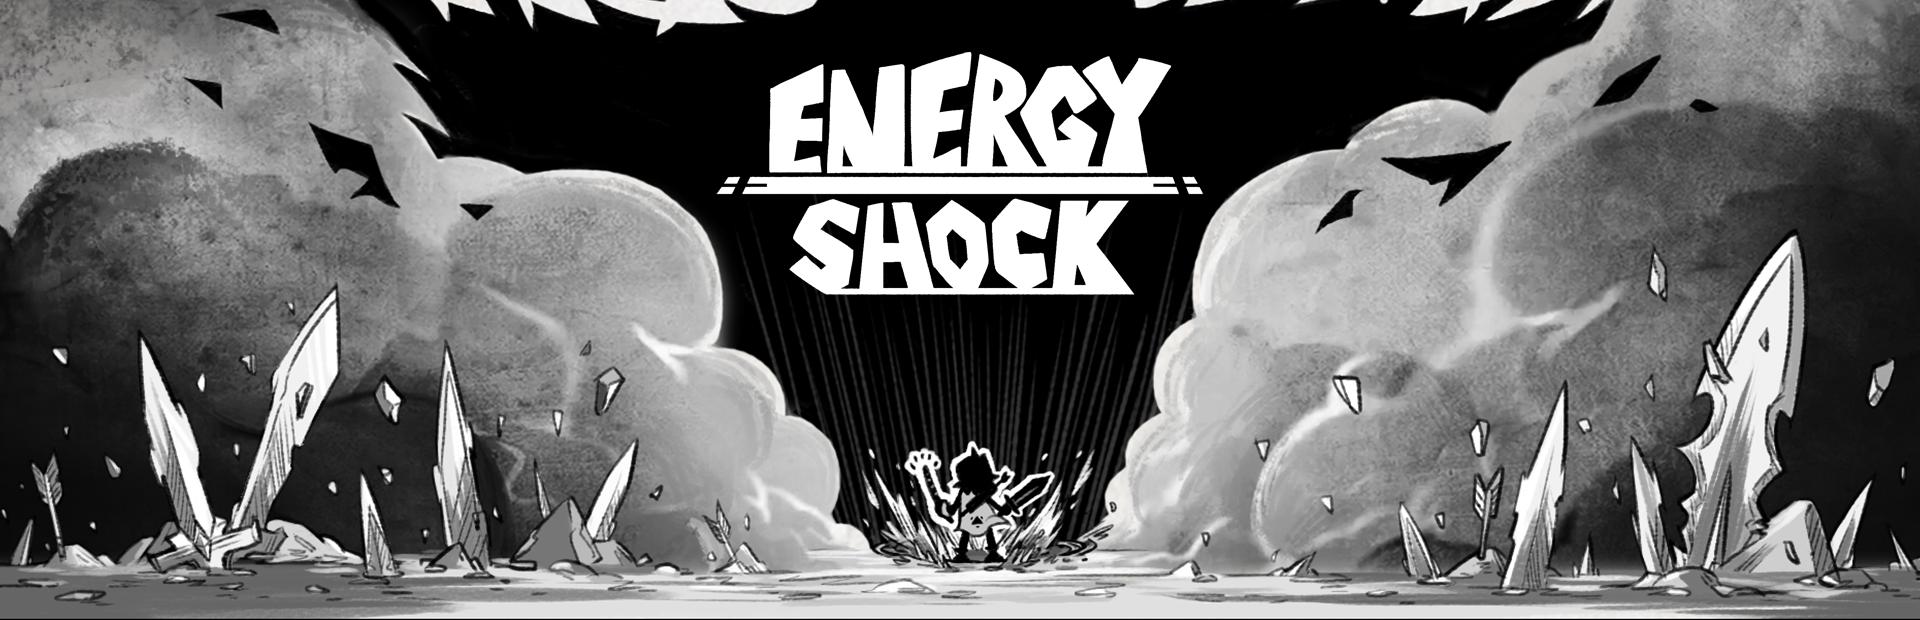 Energy Shock